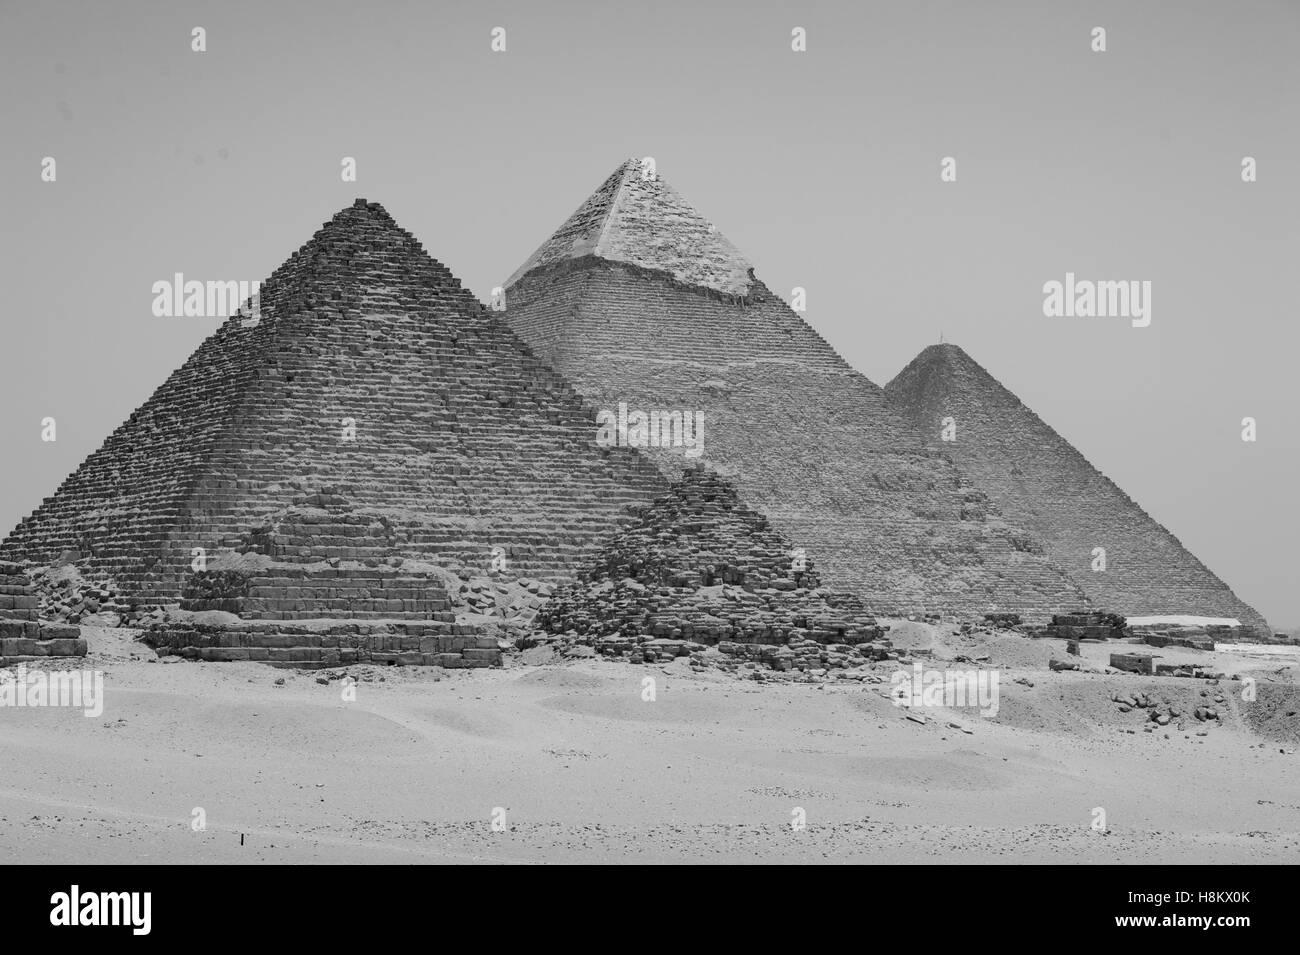 Le Caire, Egypte vaste désert du Sahara avec les trois grandes pyramides de Gizeh contre un ciel sans nuages. Photo Stock